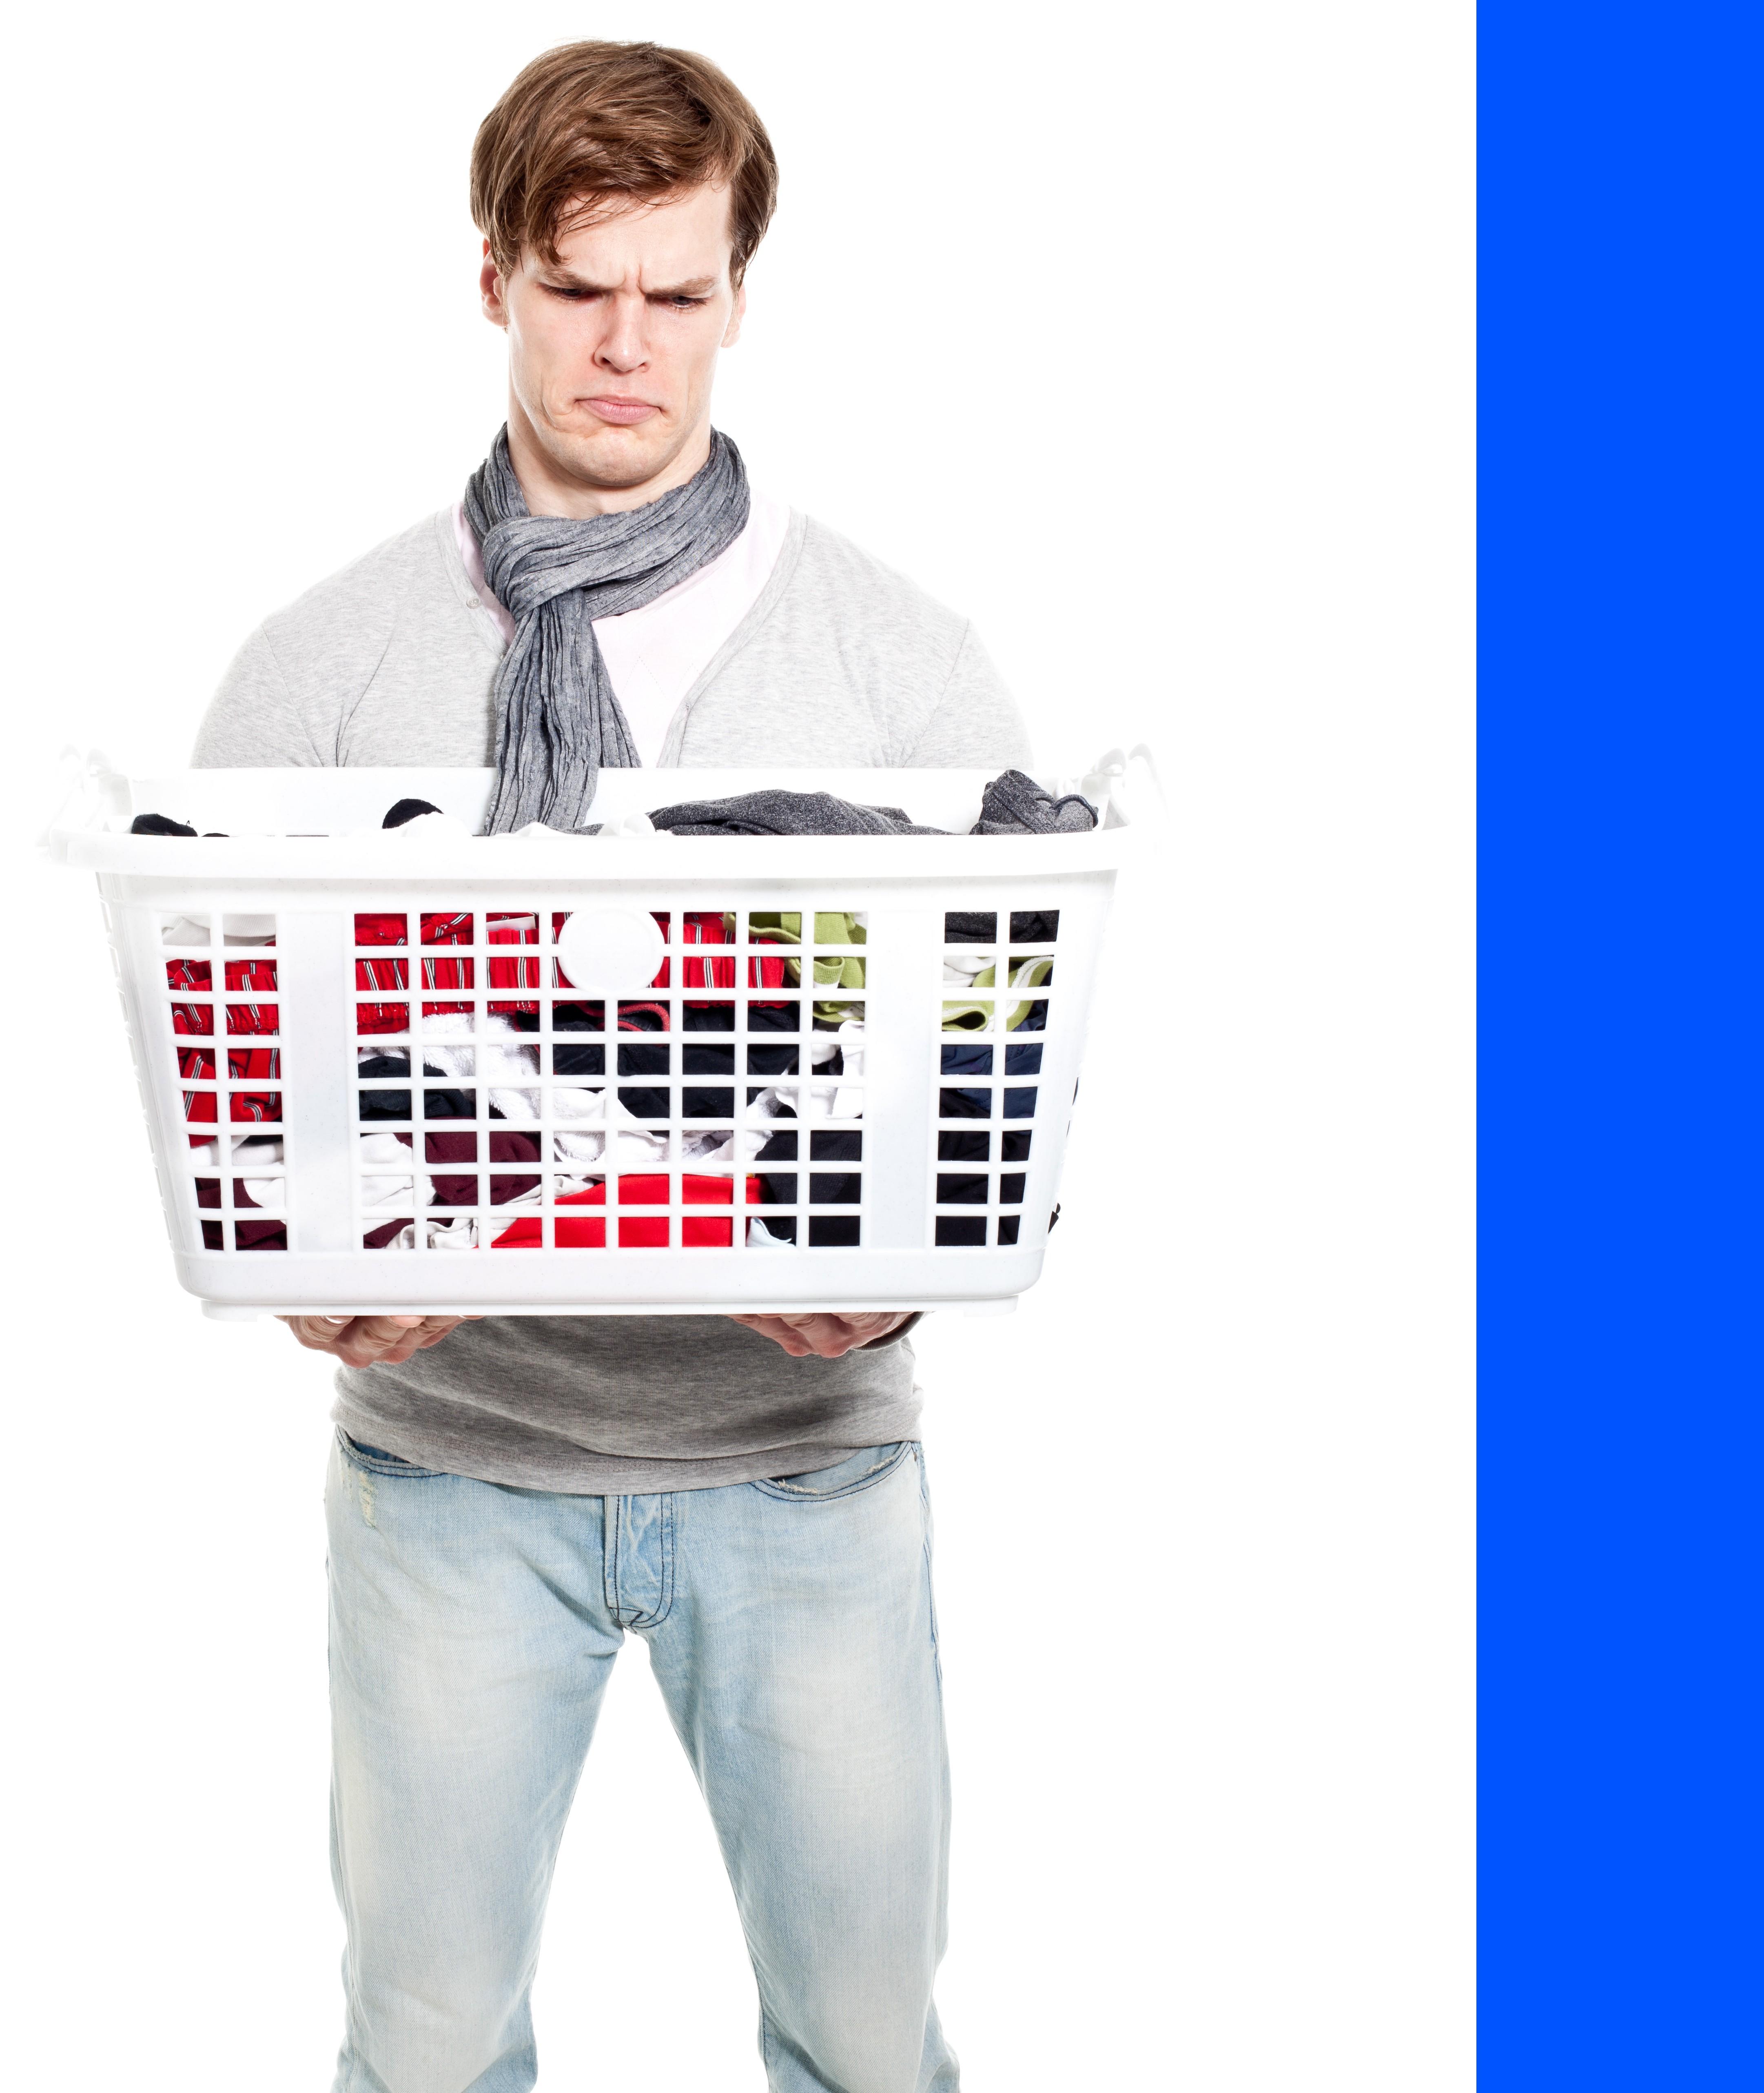 Plakat für hemdenreinigung.ch